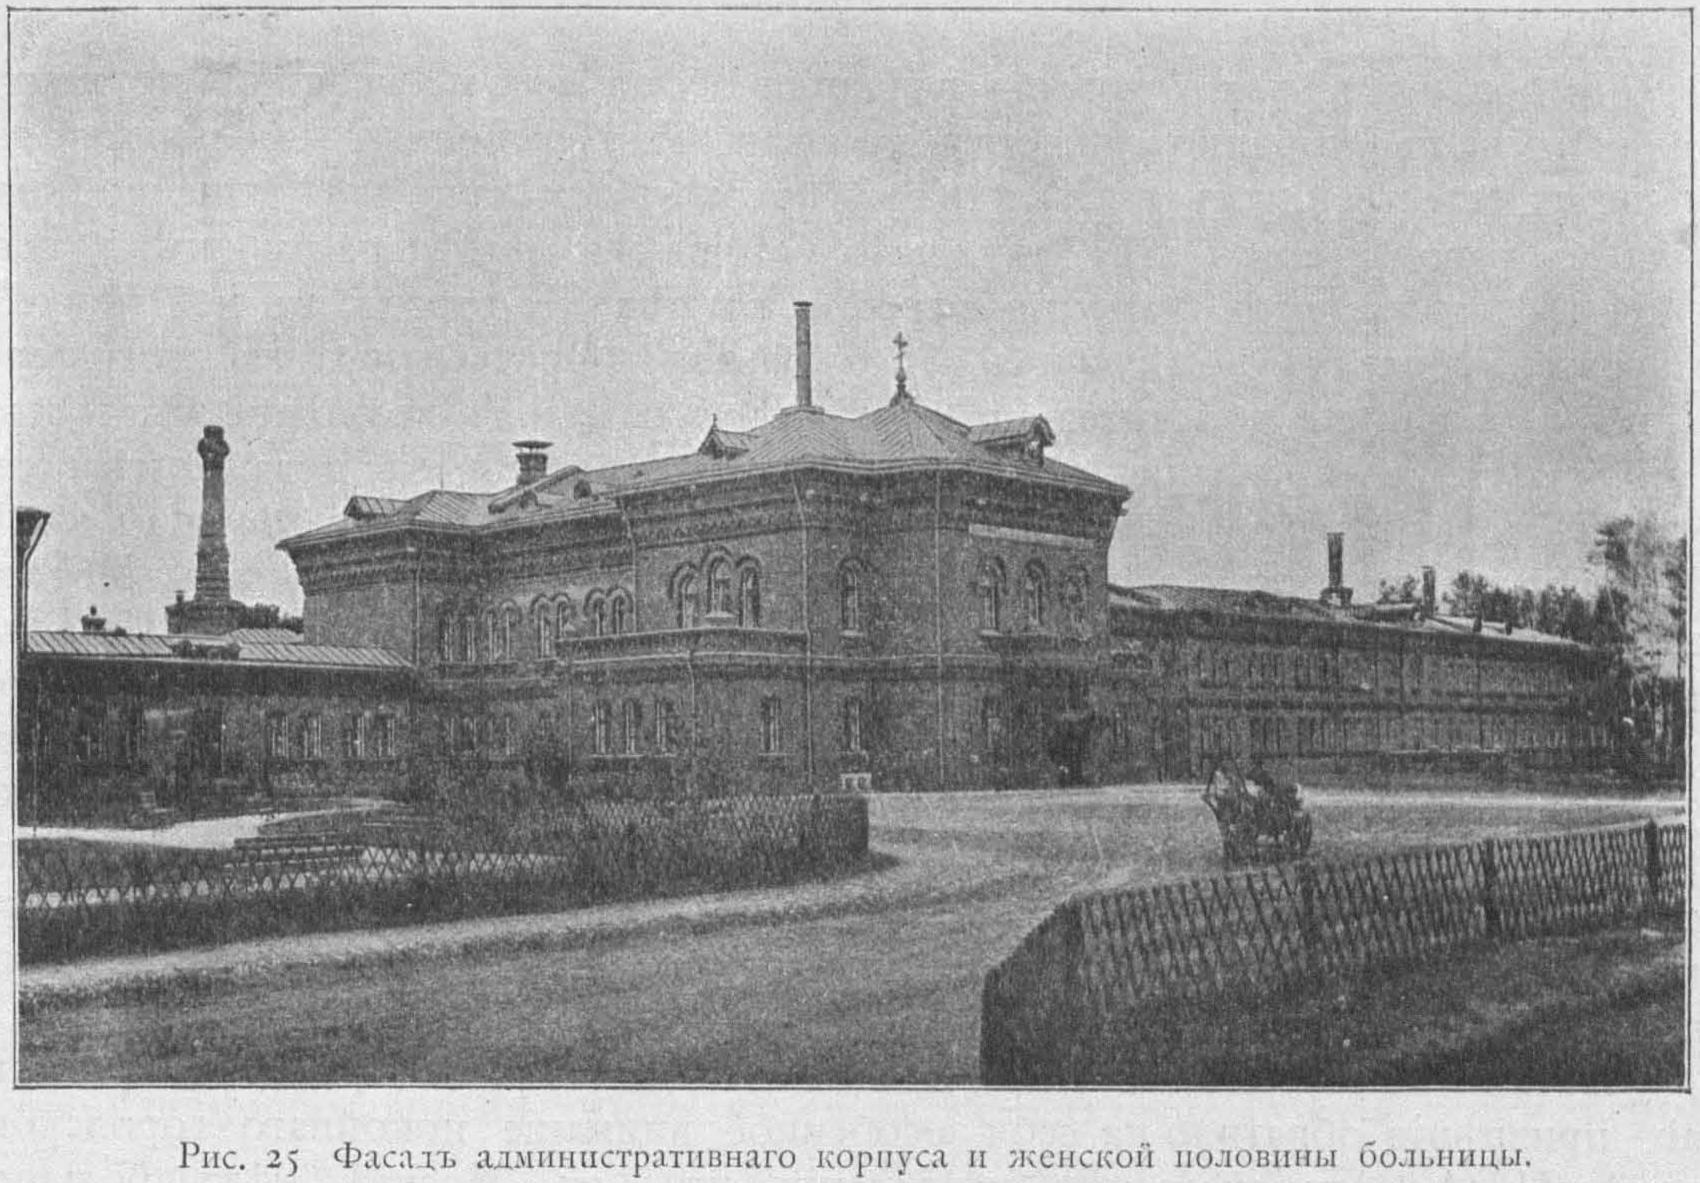 Психиатрическая больница им. Н. А. Алексеева. Фасад административного корпуса и женской половины больницы